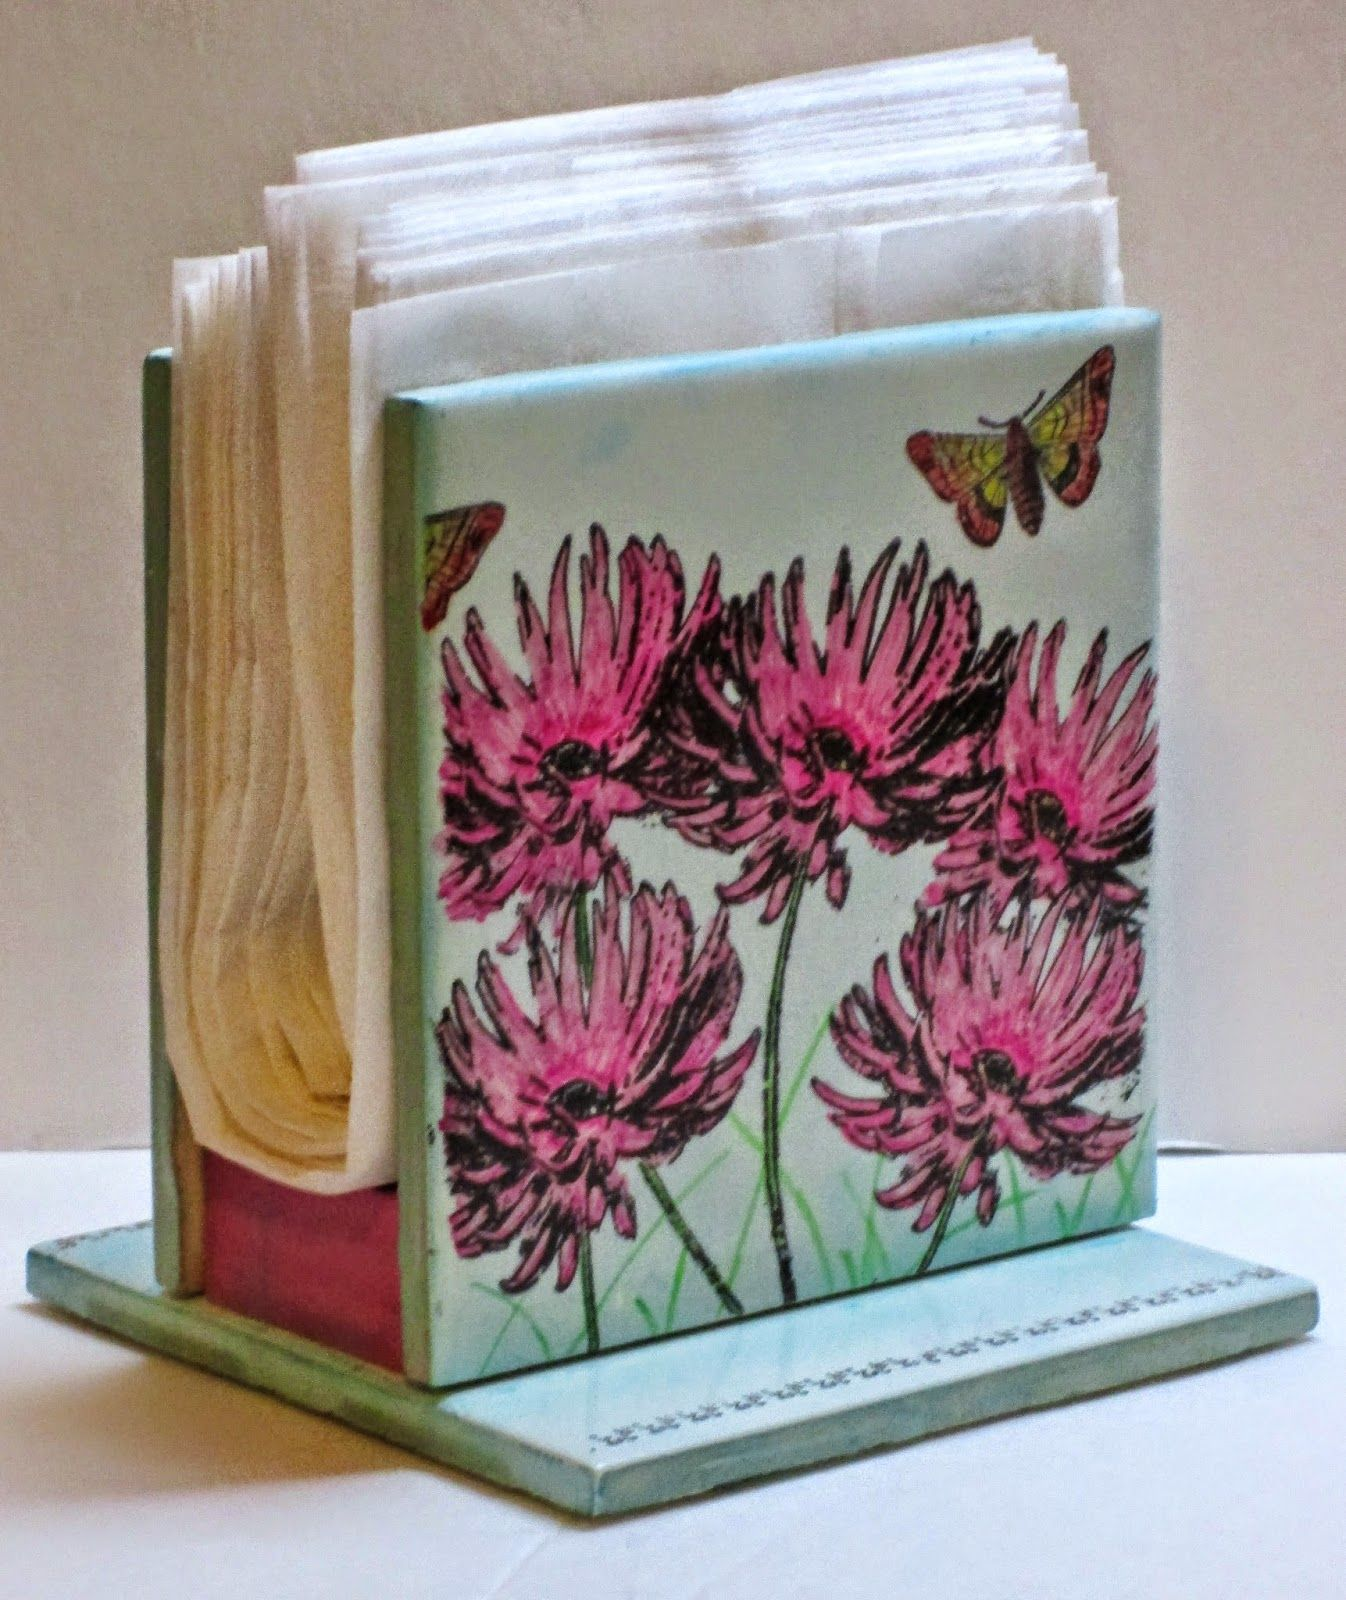 Scrapbooks Crafts And Cards Oh My Ceramic Tile Crafts Tile Crafts Diy Napkin Holder